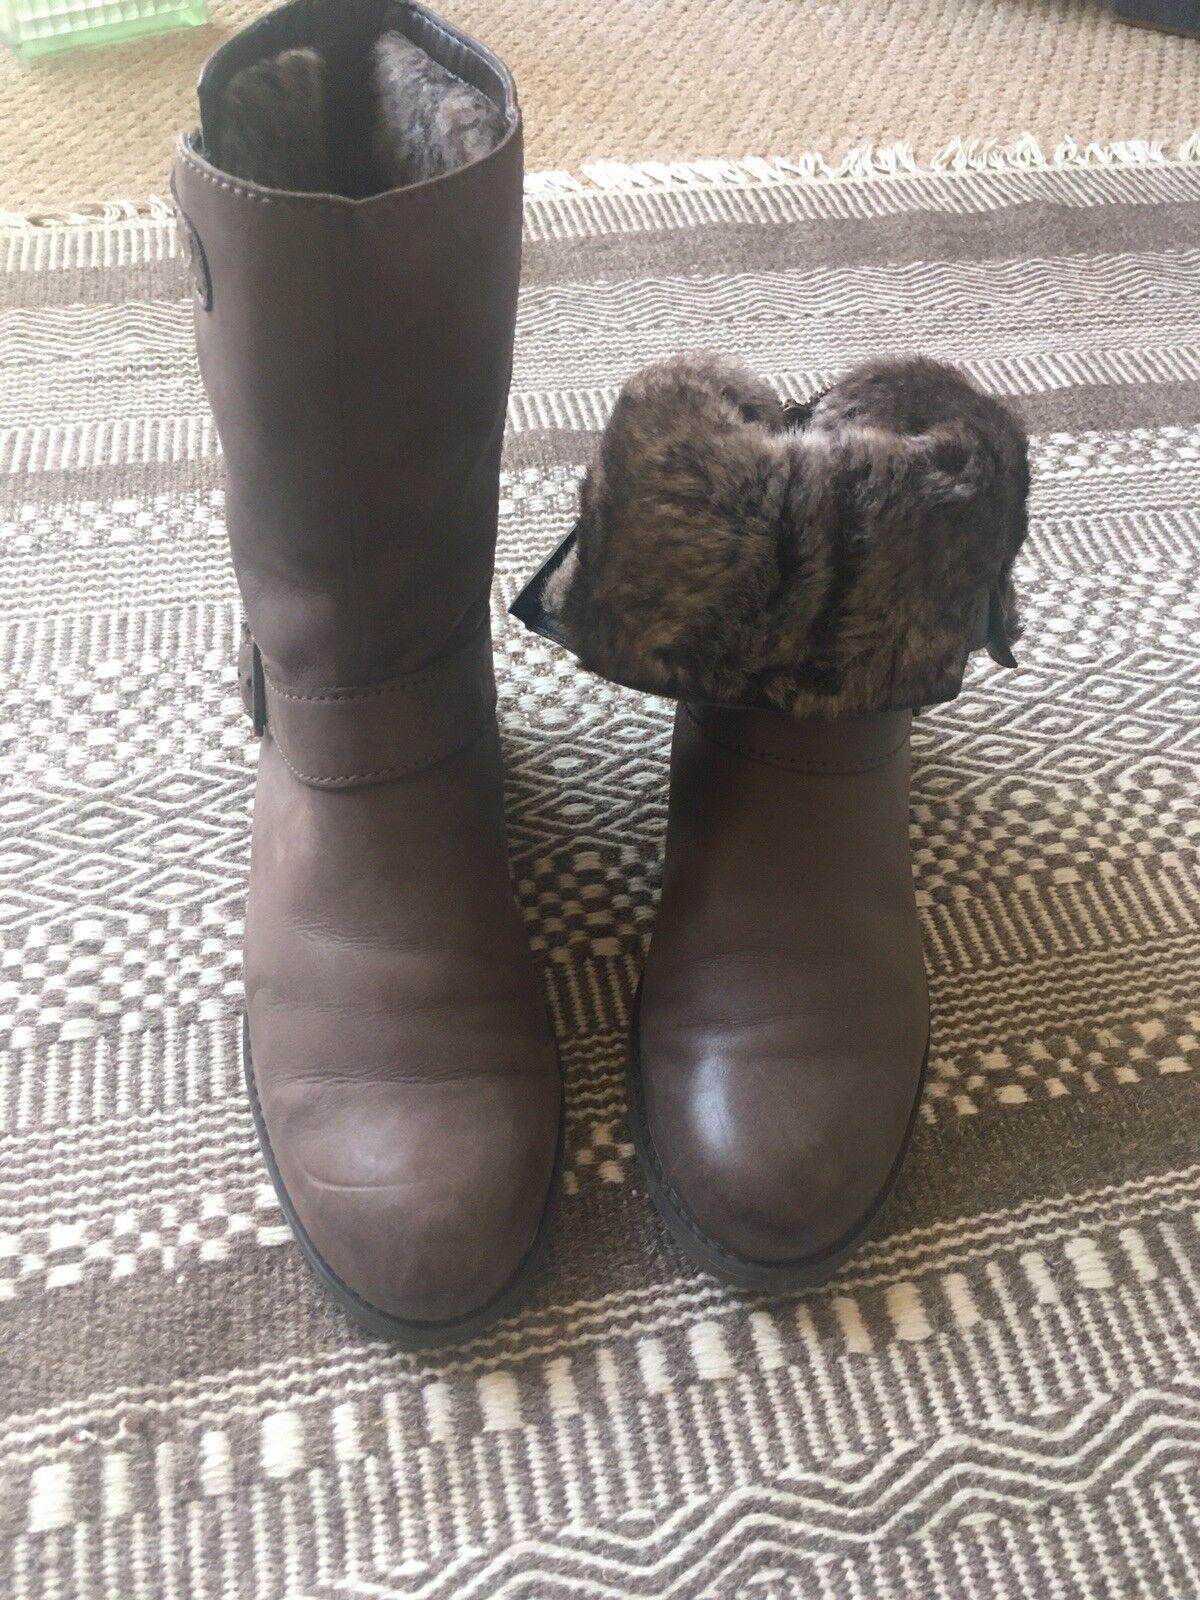 Clarks Marrón Piel Forrada Forrada Forrada botas 6.5  nuevo sádico